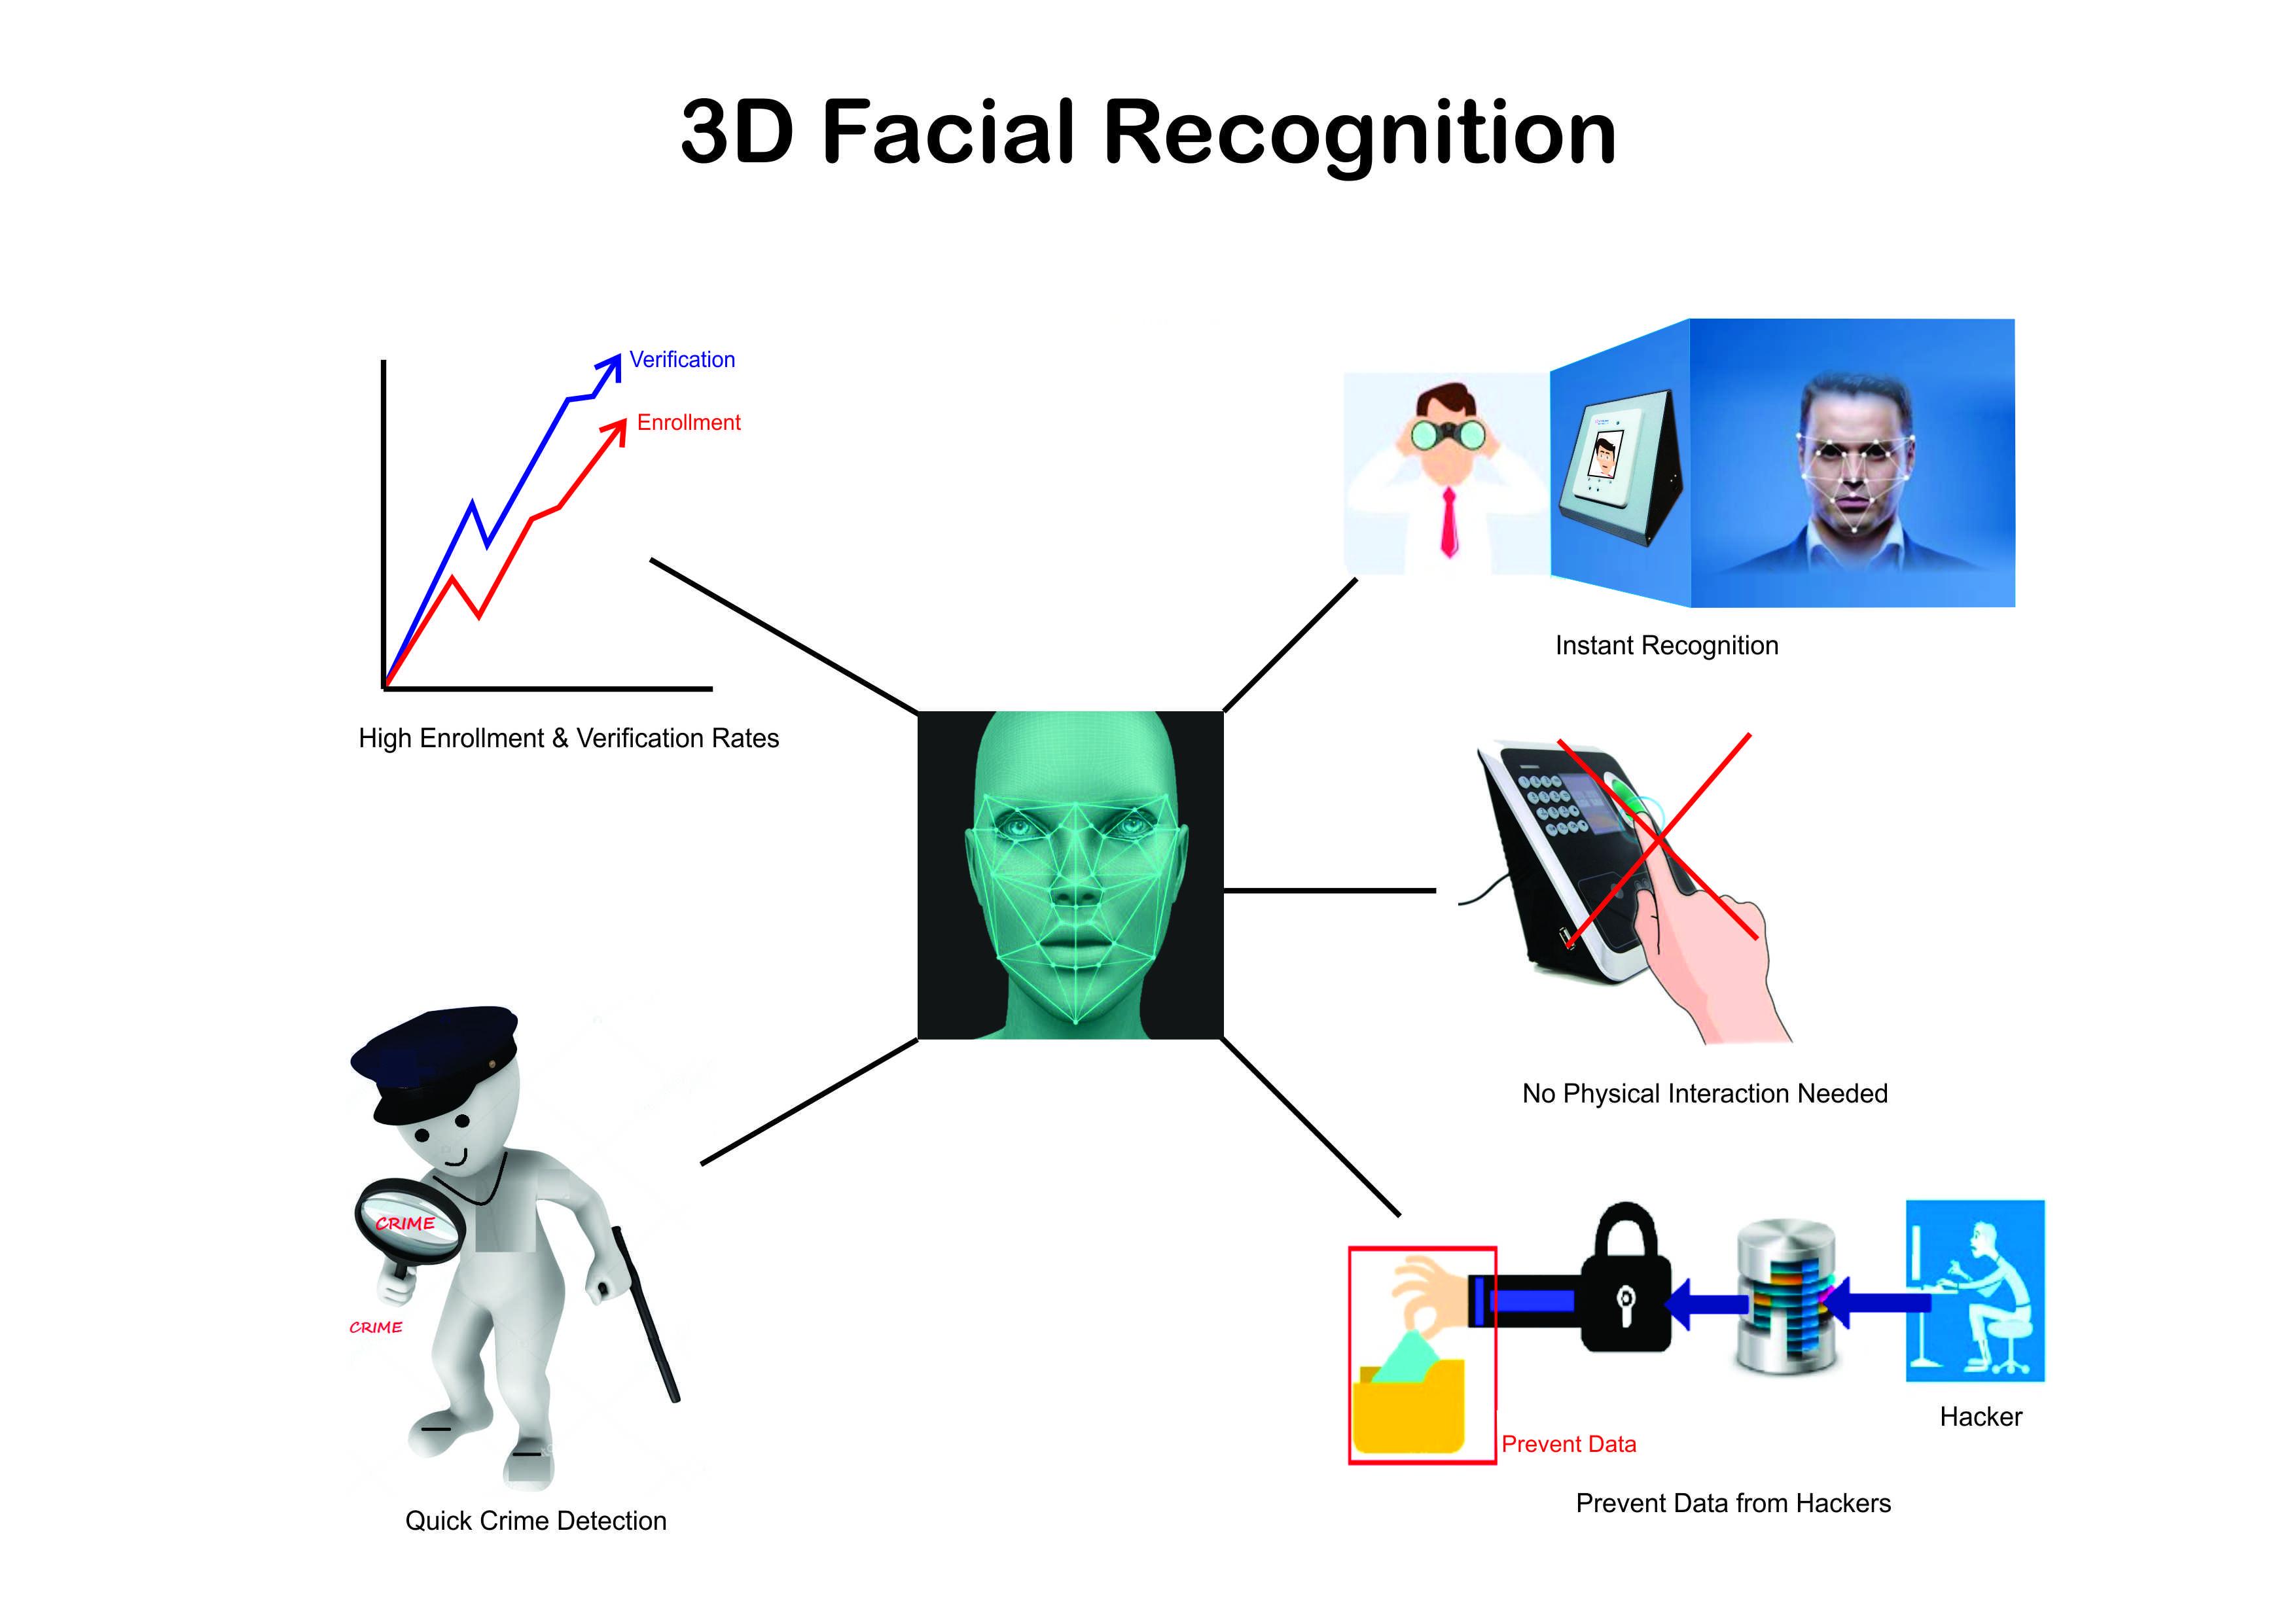 Facial Recognition, facial recognition security, Facial Recognition Technology, 3D facial recognition, 3D facial recognition security, 3D facial recognition technogy, 3D facial recognition in biometrics, biometric security, biometic technology